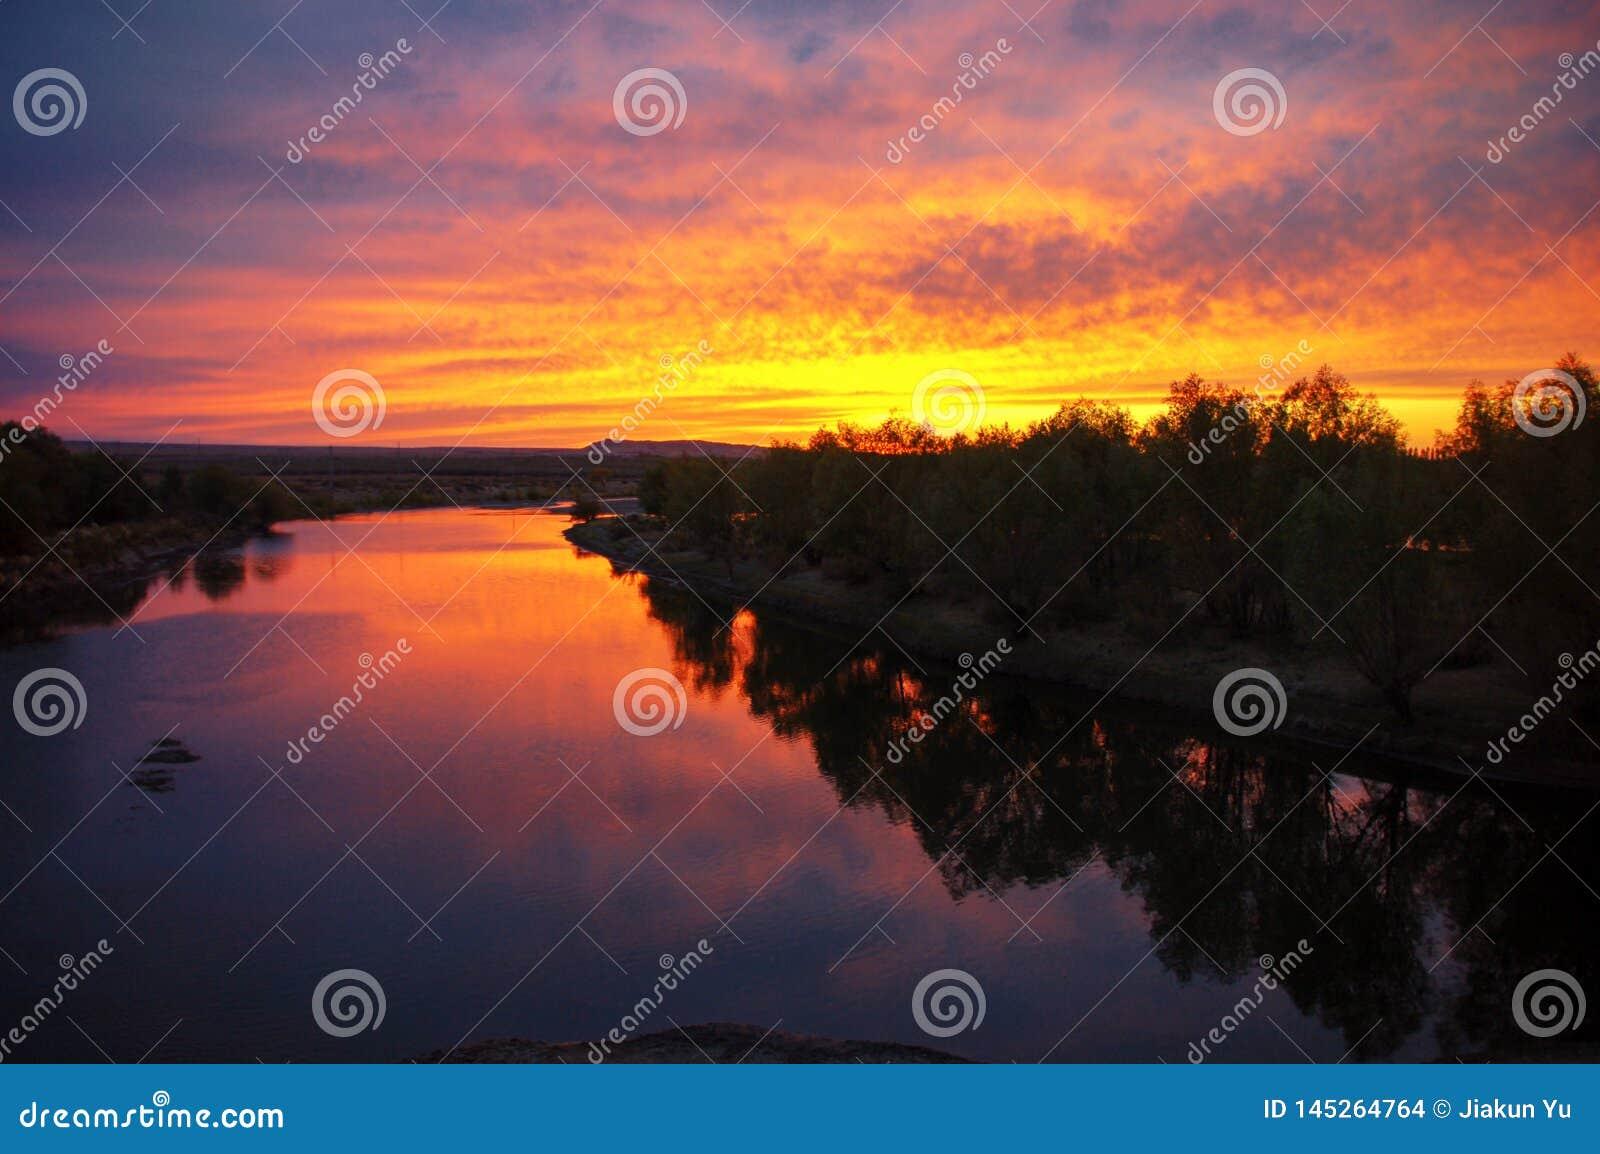 Gouden zonsopgang met kleurrijke vlammende wolken, het rode licht van de rivierbezinning als zonsondergang